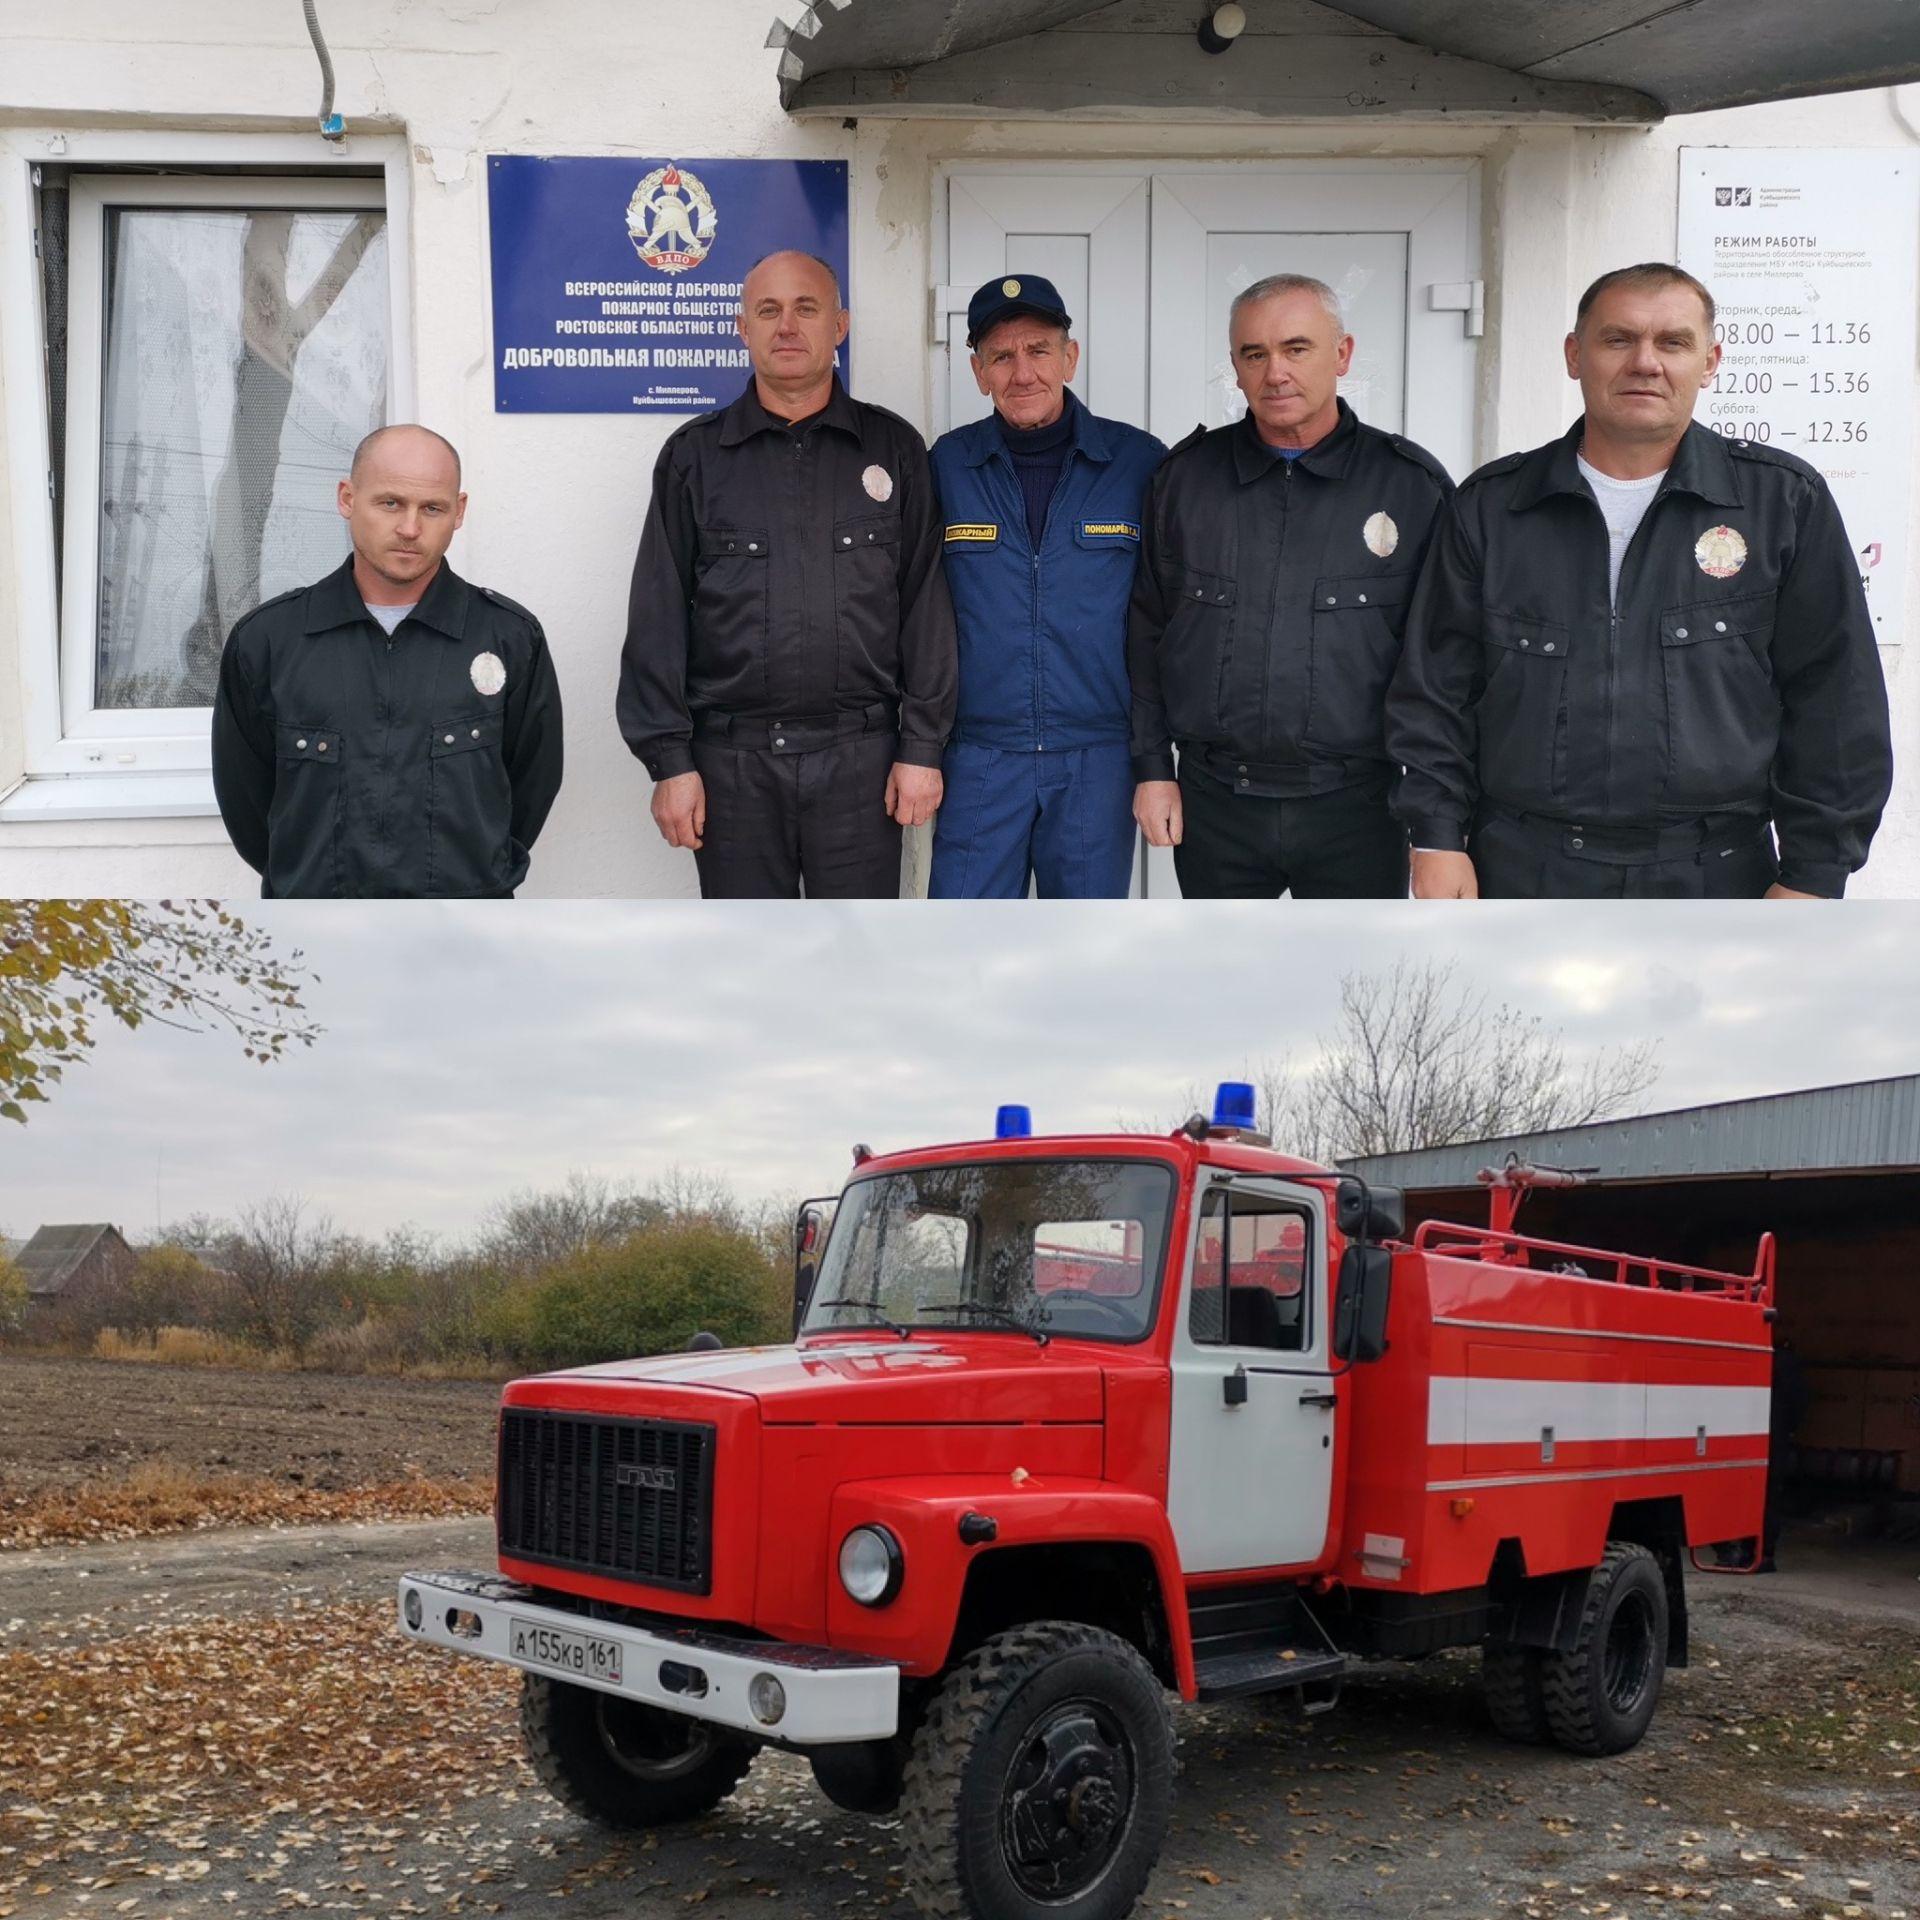 Шесть населенных пунктов в Куйбышевском районе под защитой добровольцев